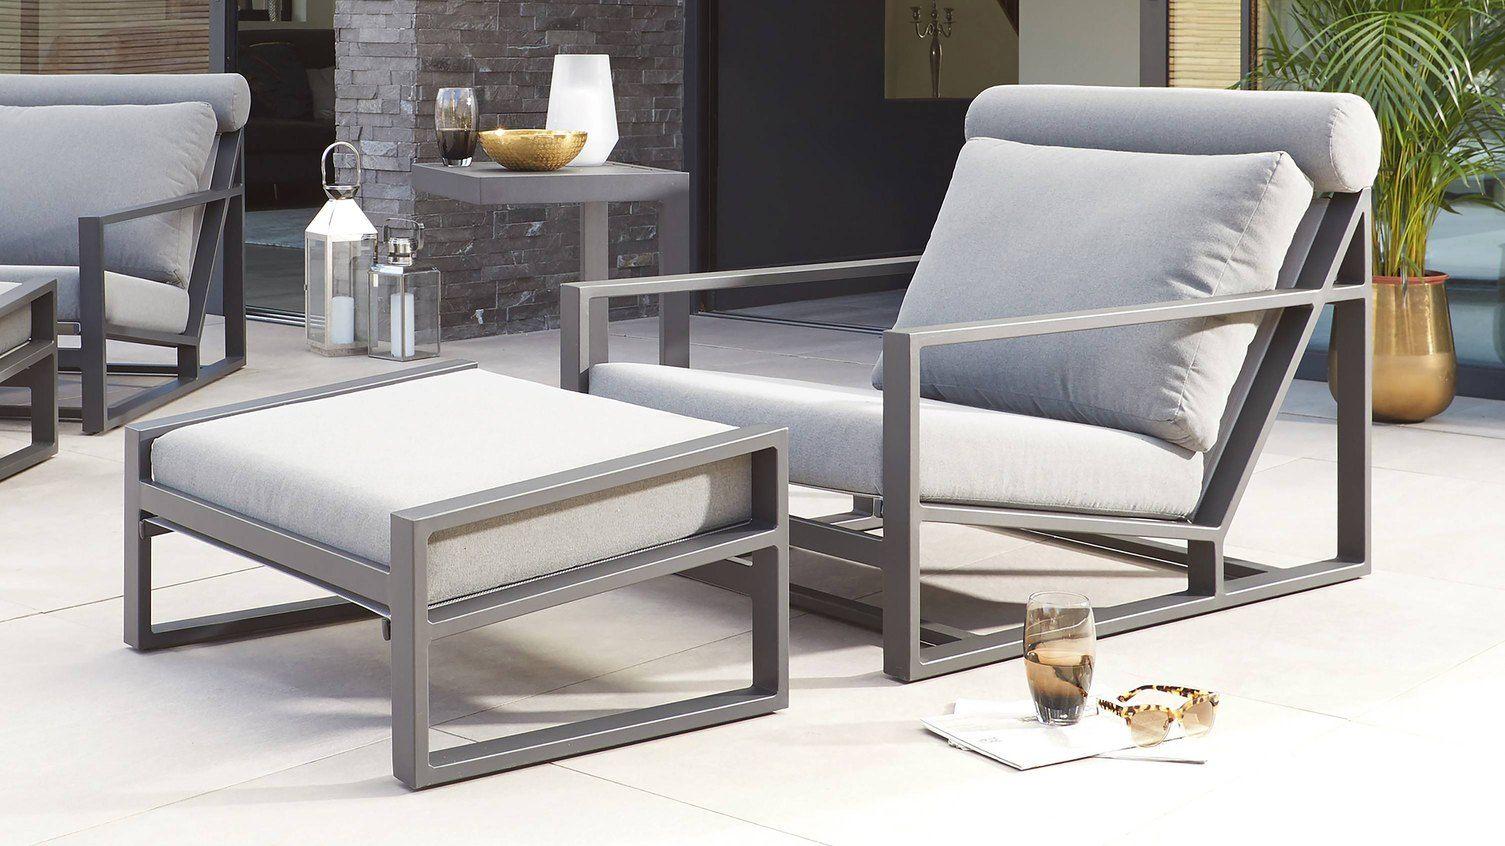 Verano Grey Garden Lounge Chair And Footstool Danetti Uk Garden Lounge Chairs Lounge Chair Outdoor Modern Garden Furniture